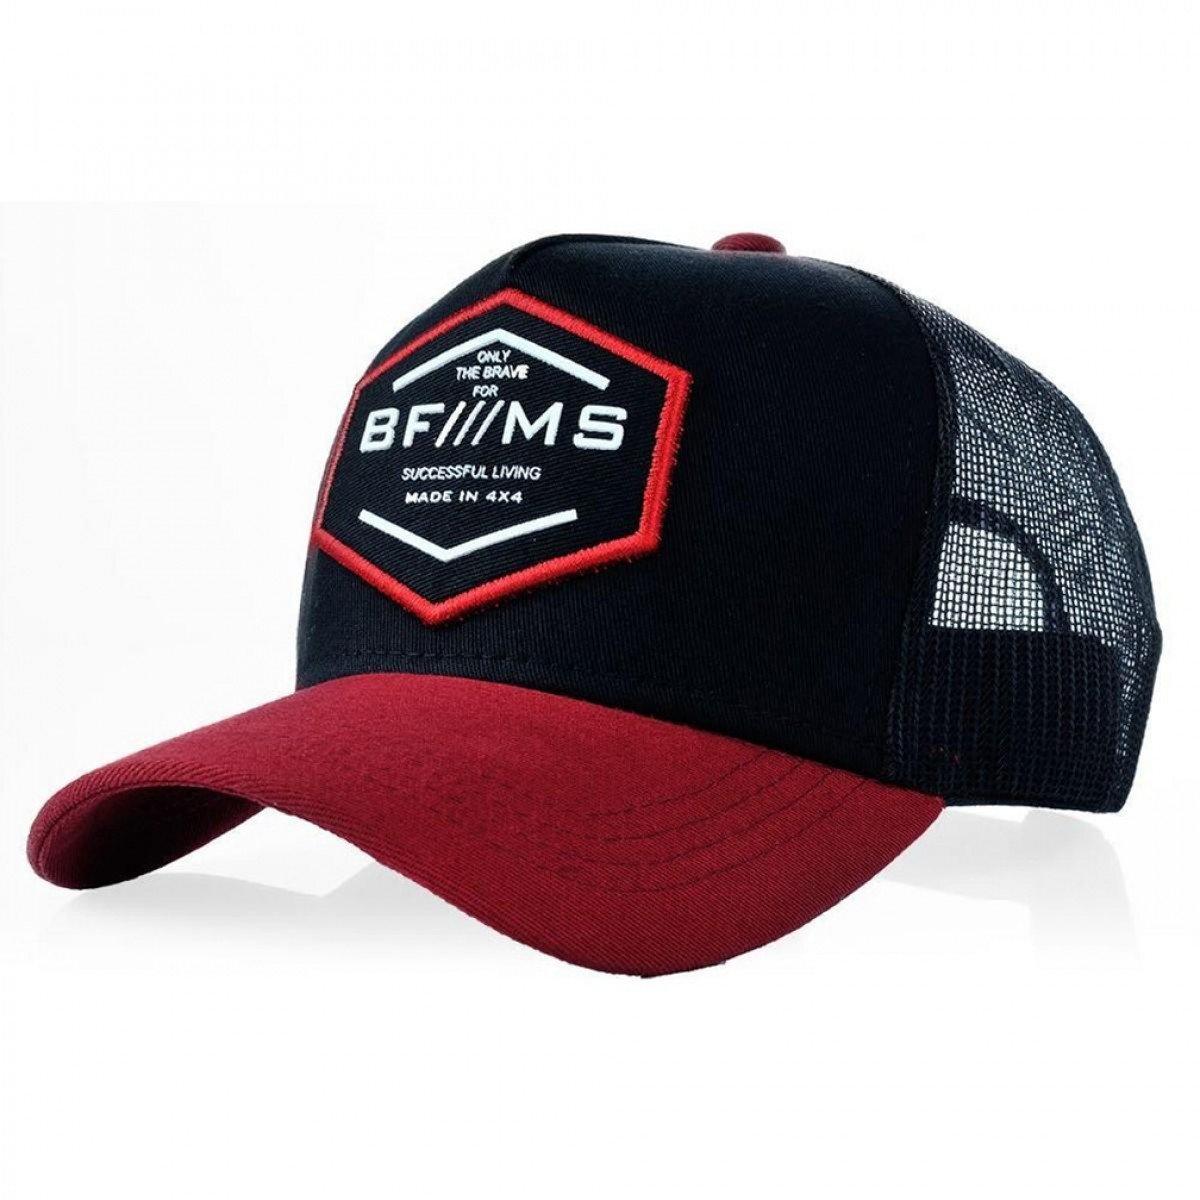 Boné Aba Curv BF  MS Brave Preto e Vermelho Masculino - Compre Agora ... d61047da5452e